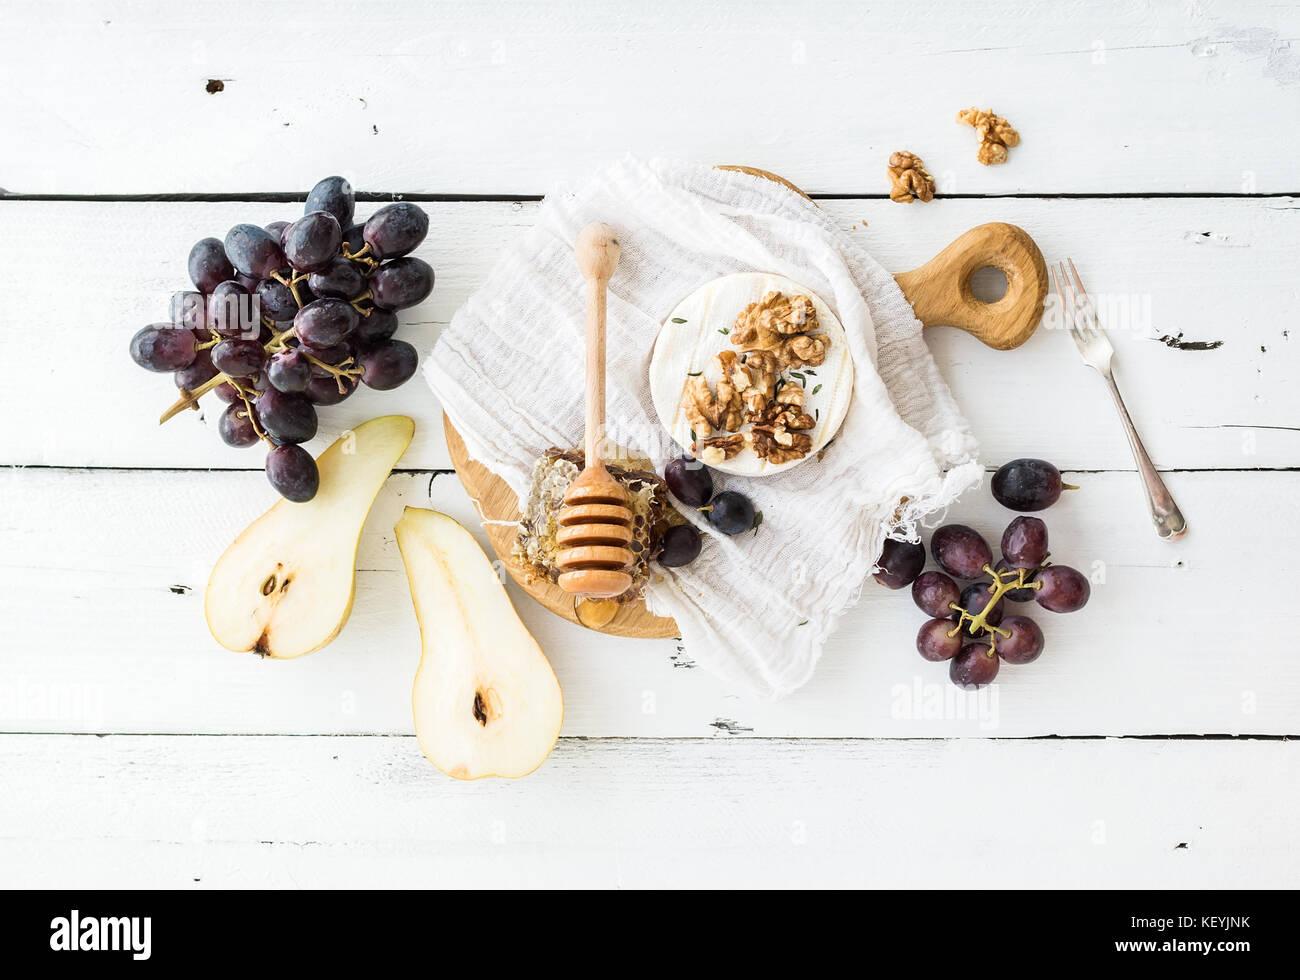 Formaggio Camembert con l'uva, le noci, pera e miele su vintage piastra in metallo Immagini Stock